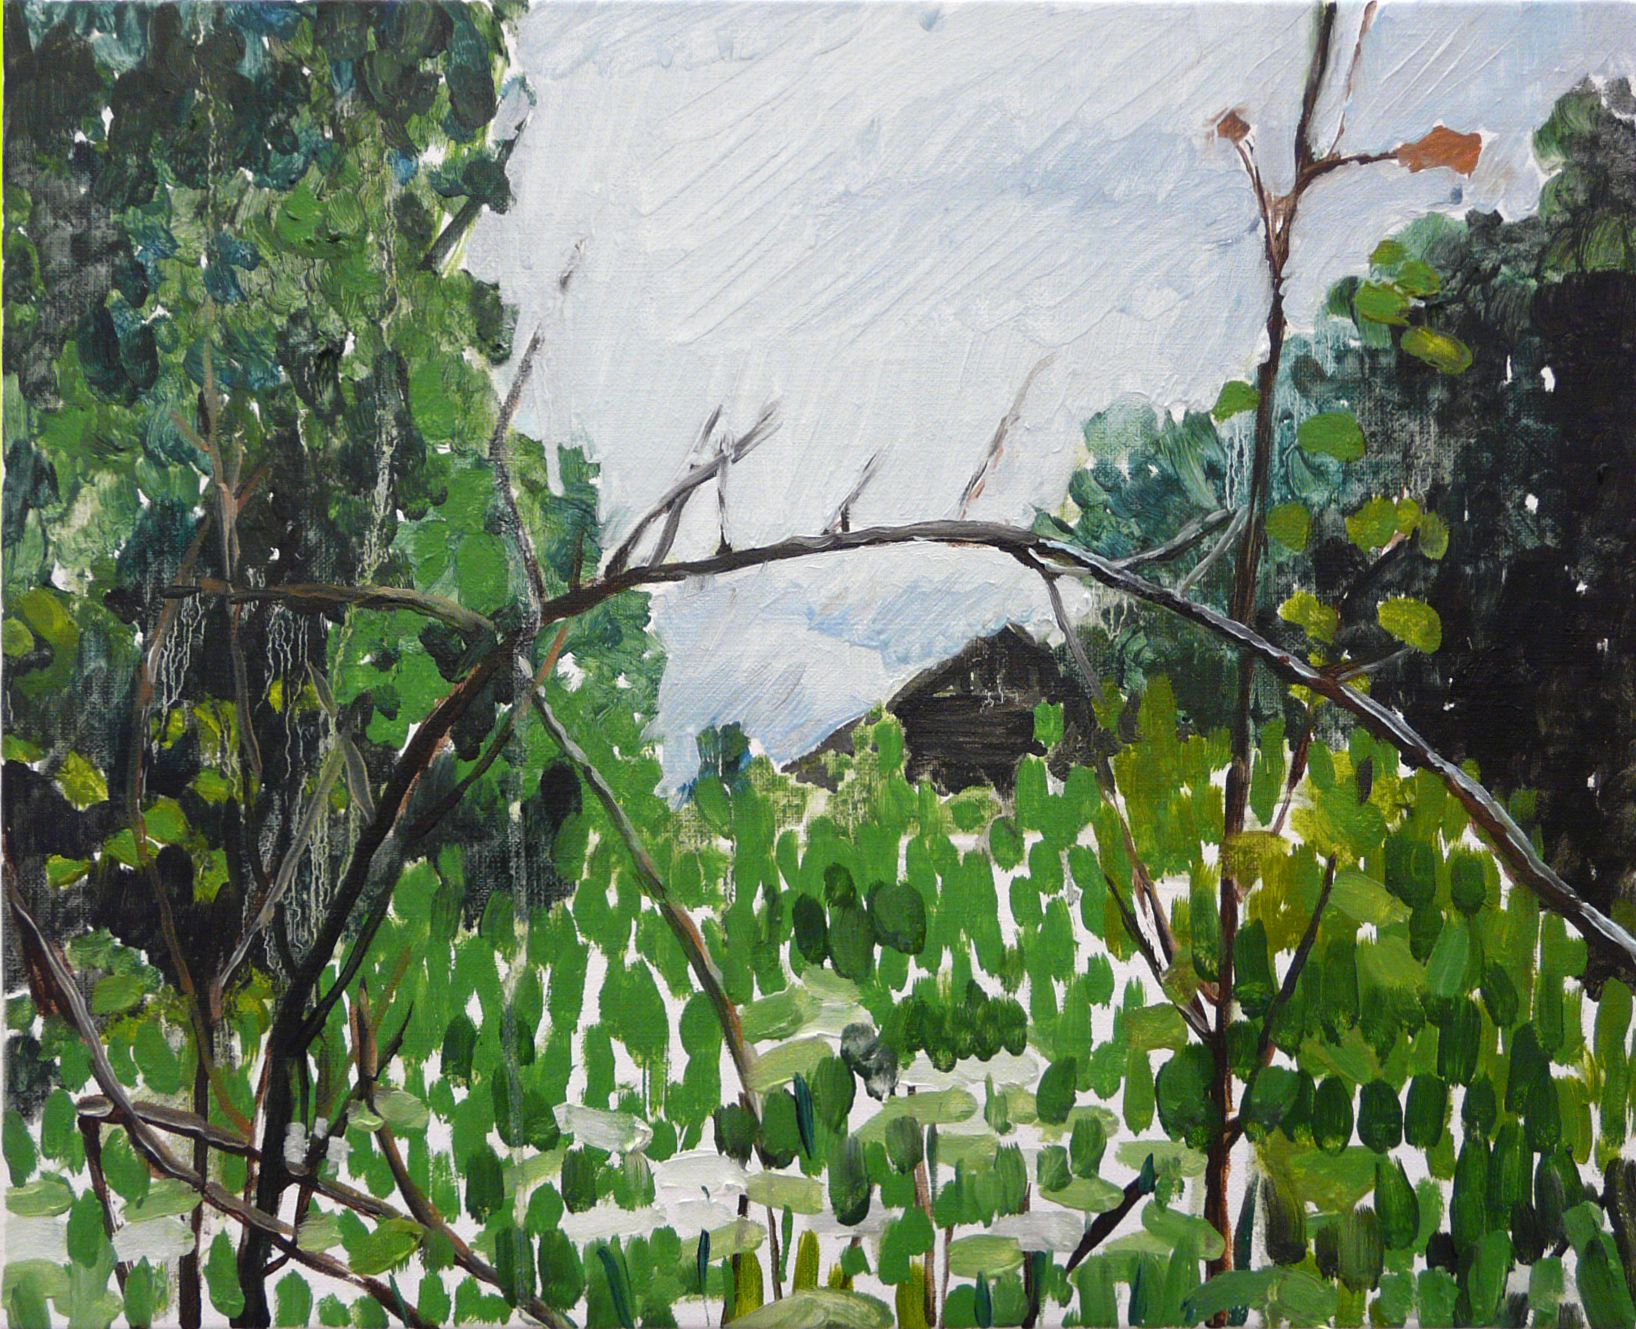 """Mykolé, """"Adomas house (Abandoned)"""", 2013, 33 x 41 cm, Oil, canvas. Contemporary landscape paintings."""